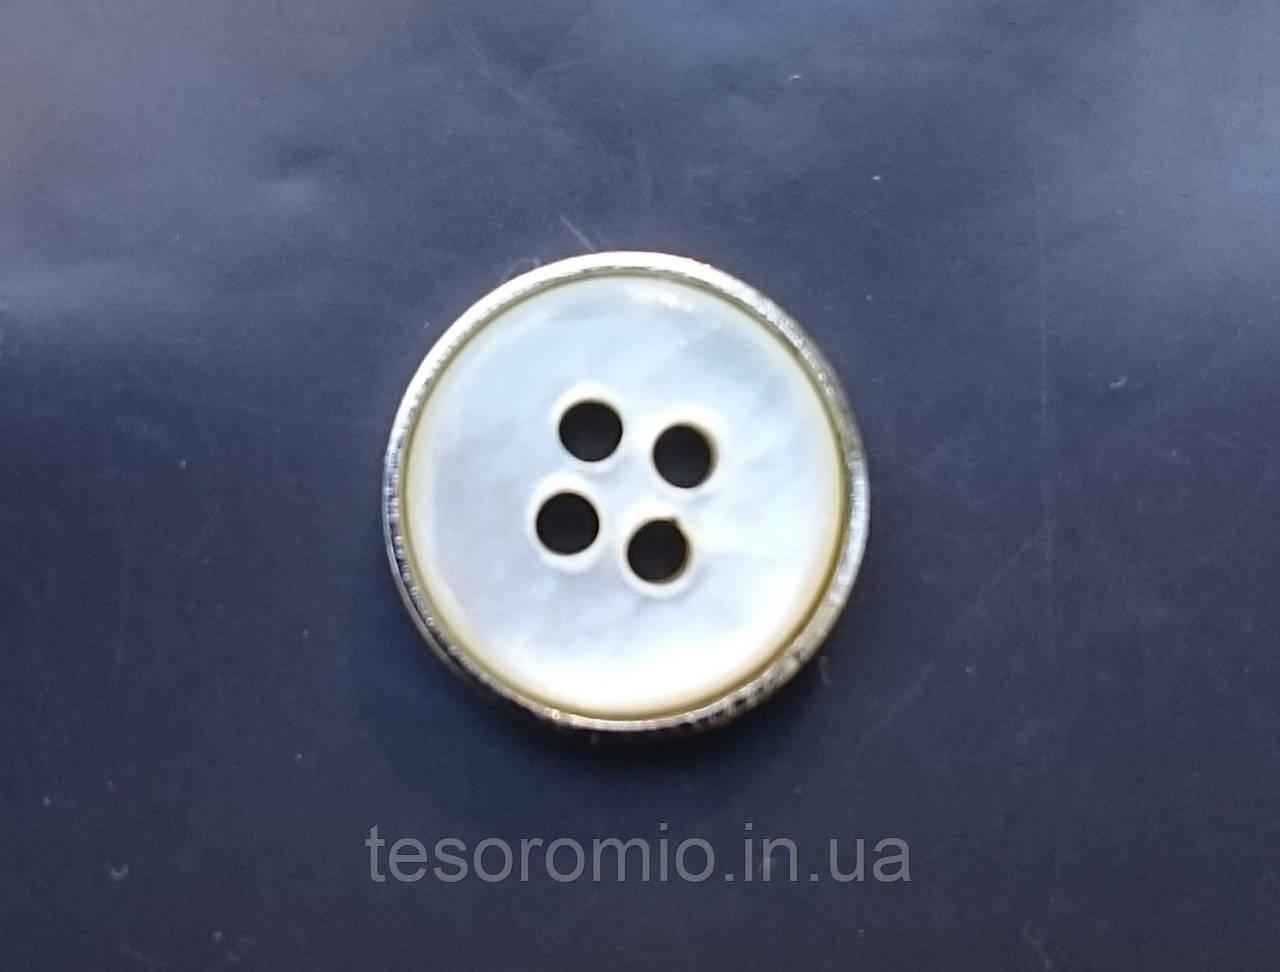 Пуговица рубашечная перламутровая белая в металлической серебристой оправе, 11 мм диаметр